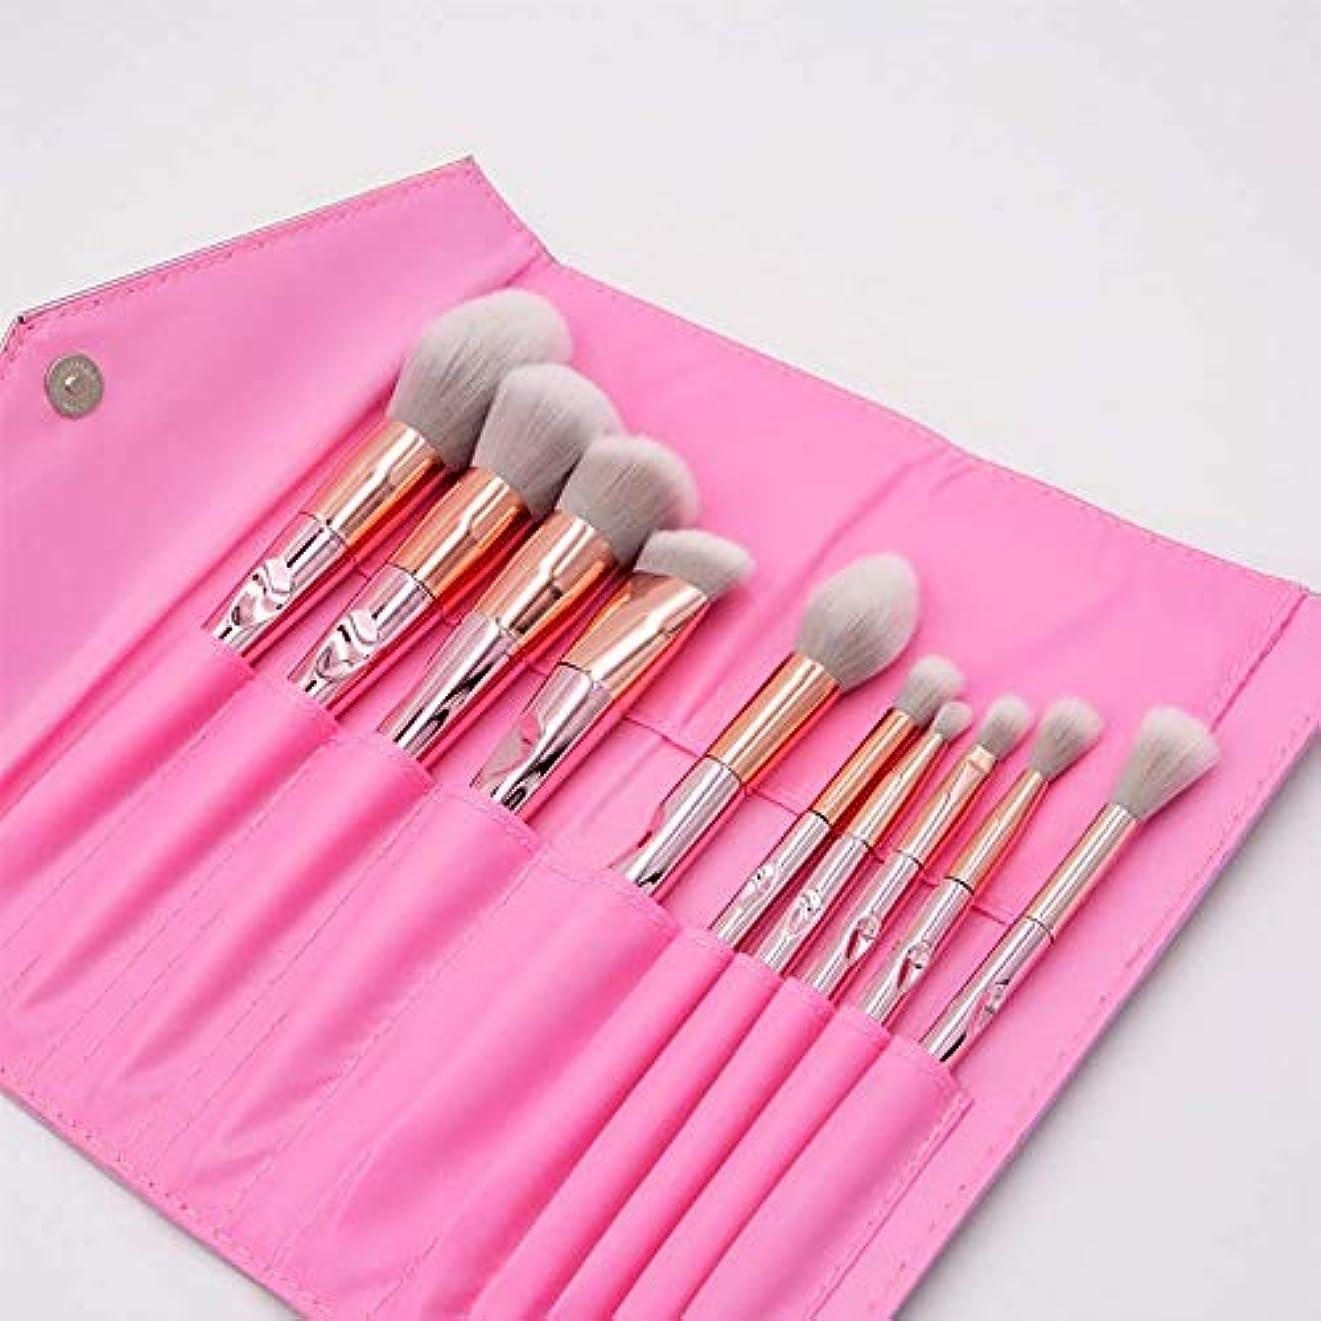 冊子バンジョー珍味化粧ブラシ、プロの合成ビーガンメイクアップブラシファンデーションブラッシュアイライナーアイシャドウ化粧ブラシセット化粧品袋付き(10個、ピンク)